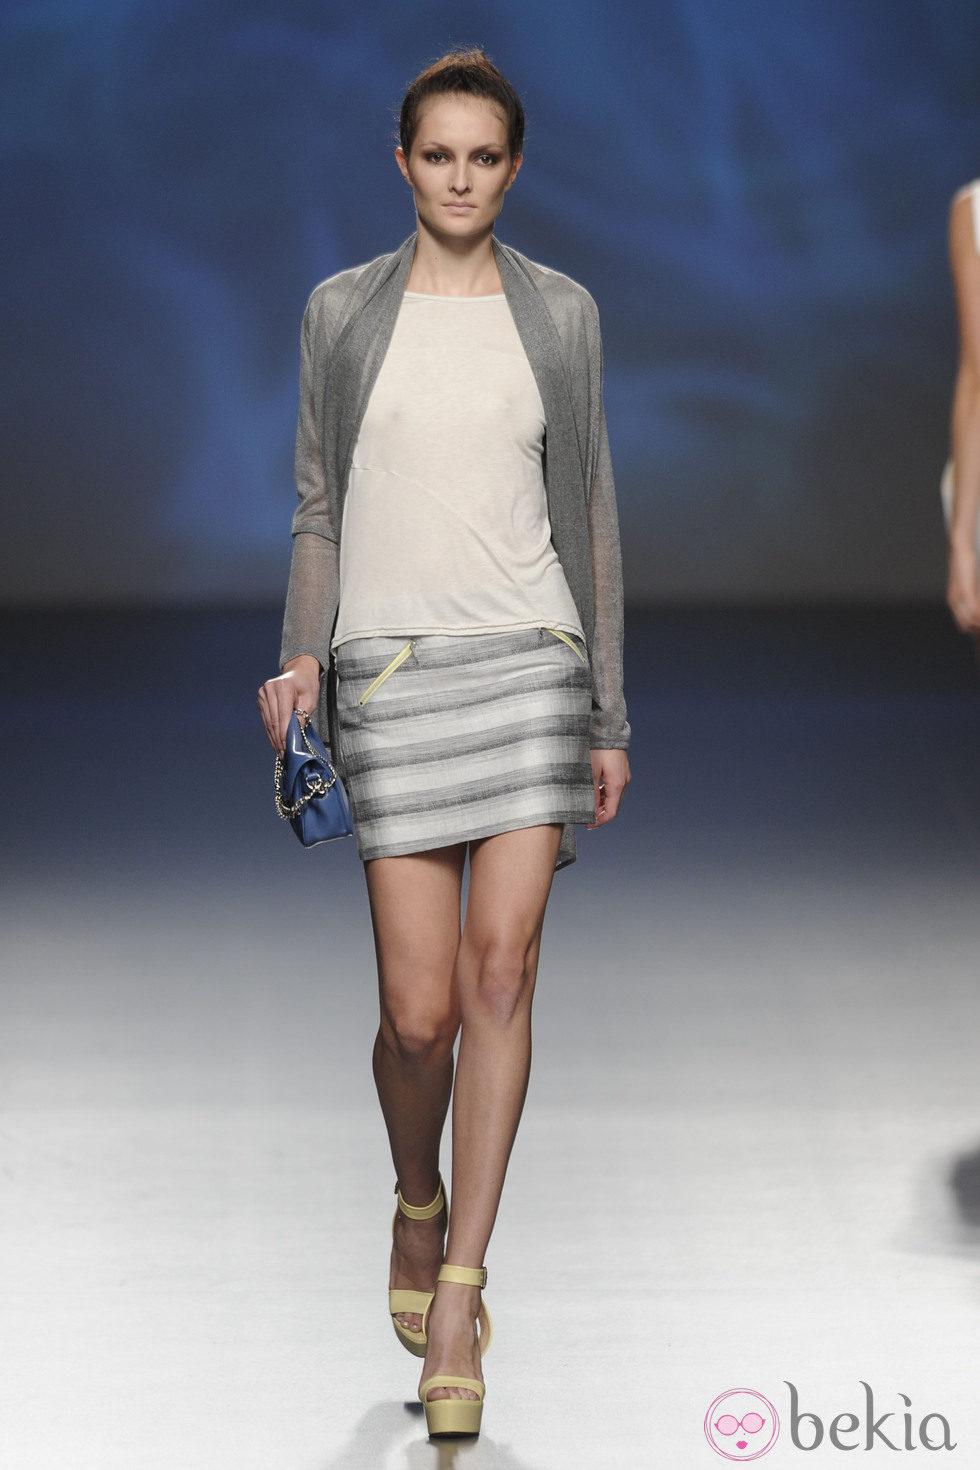 foto chica mini falda gratis: